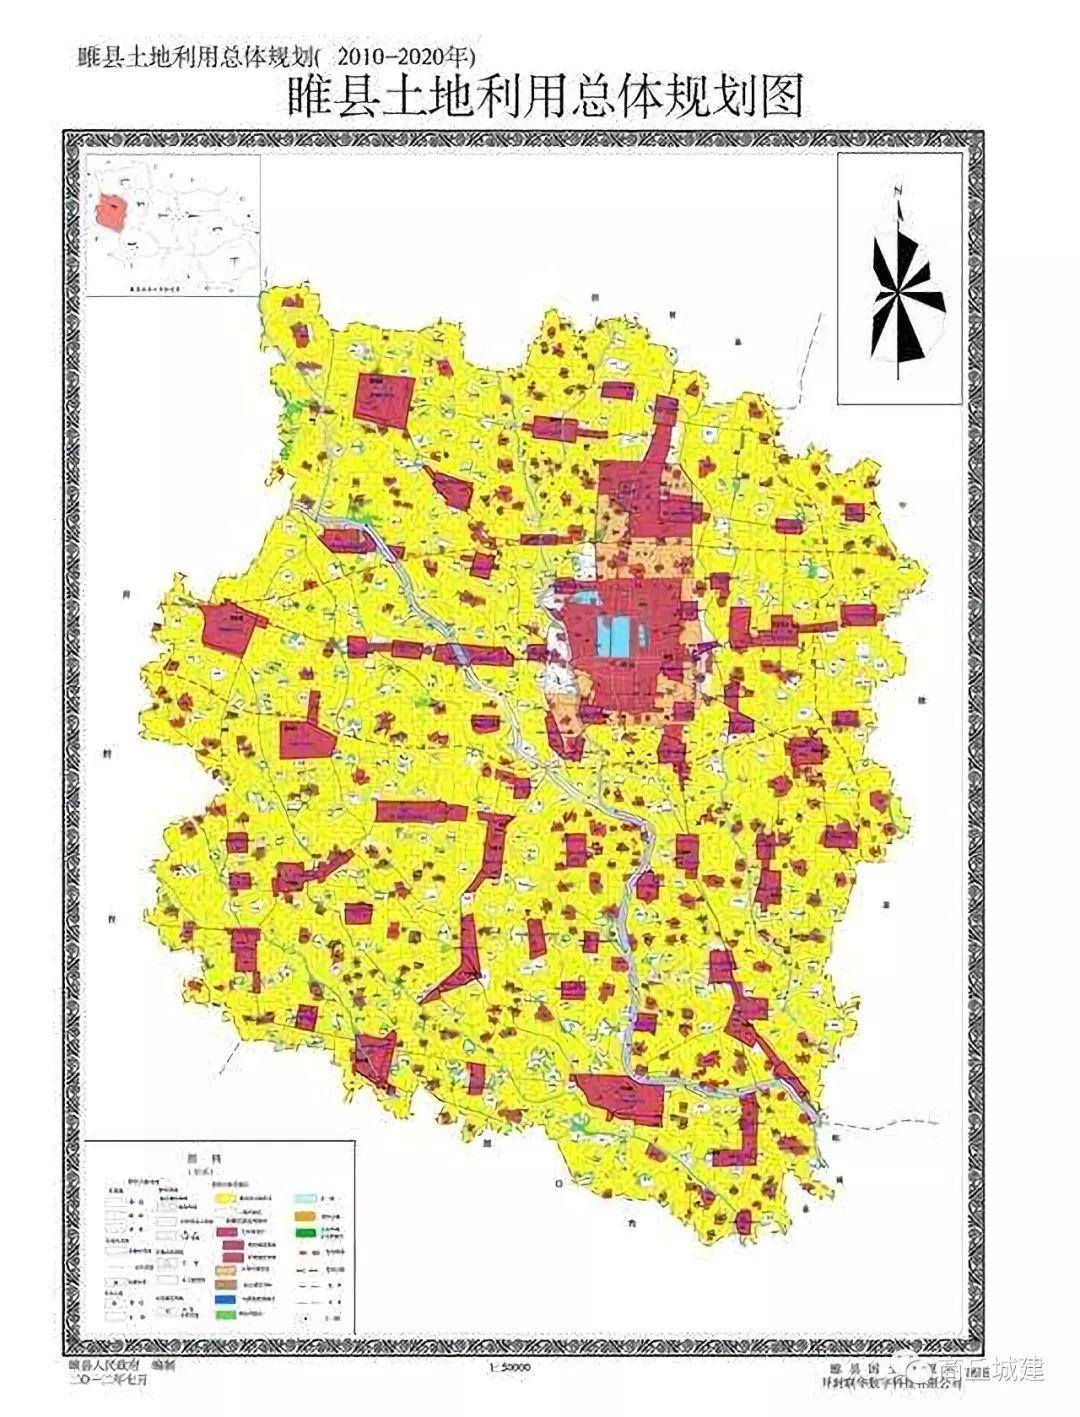 规划至2030年,睢县中心城区人口48万人,面积49.6平方公里.